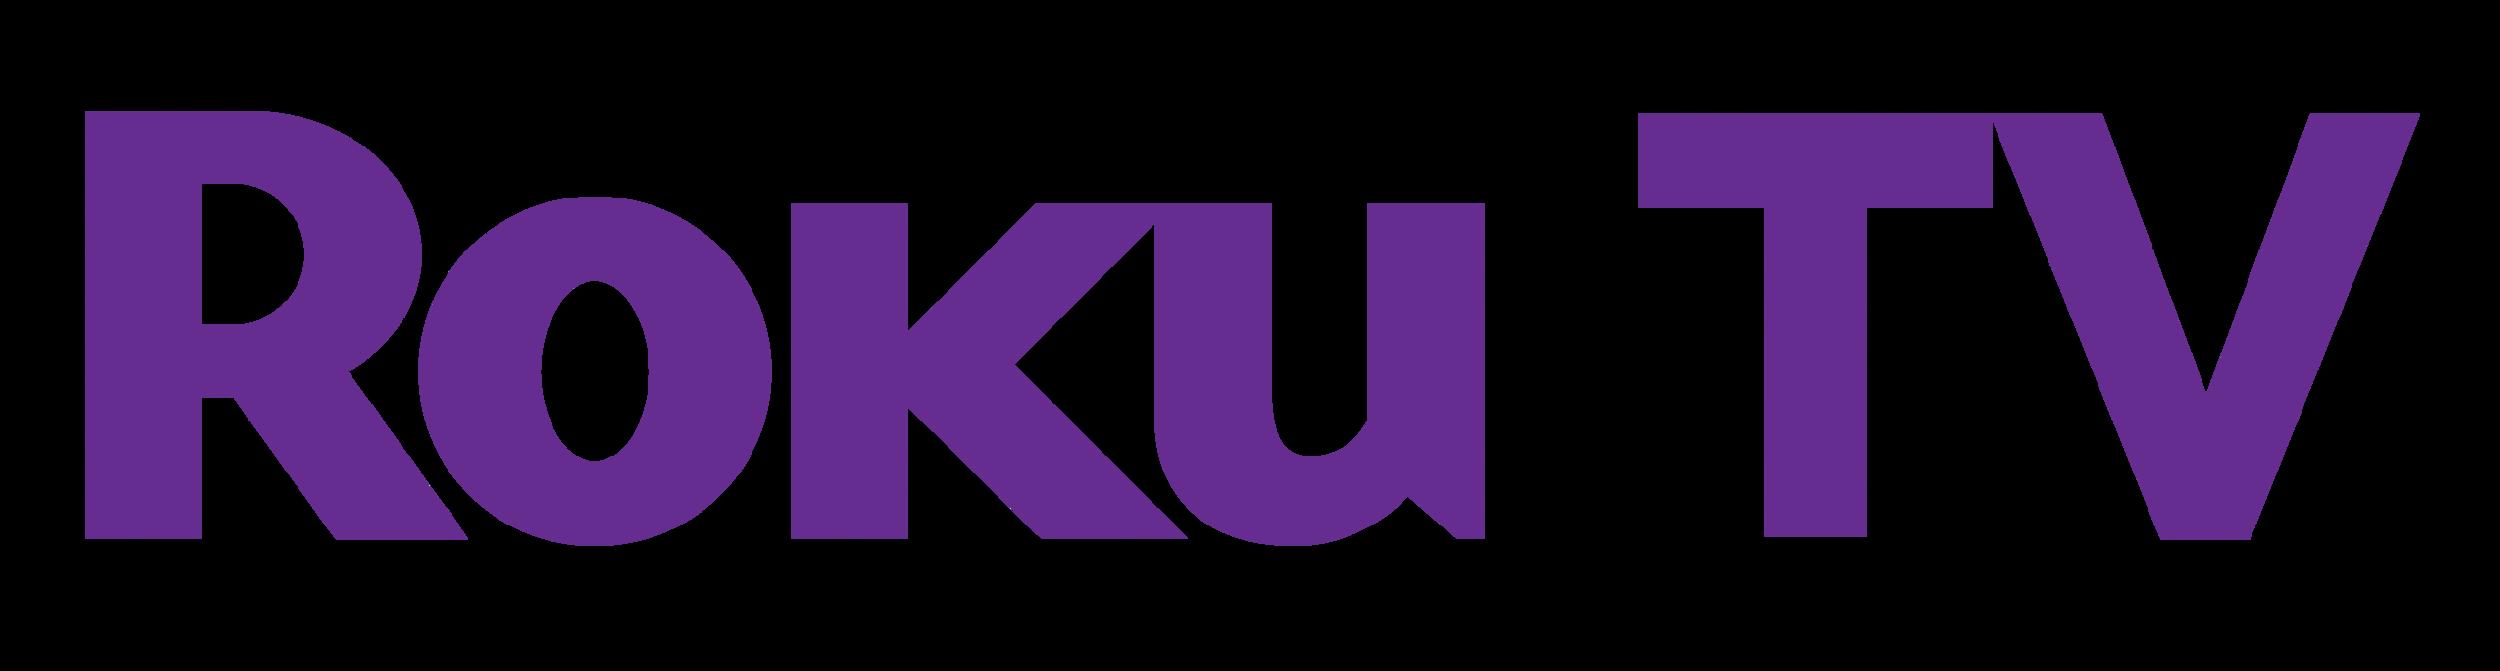 Roku TV - Worldwide - 24/7